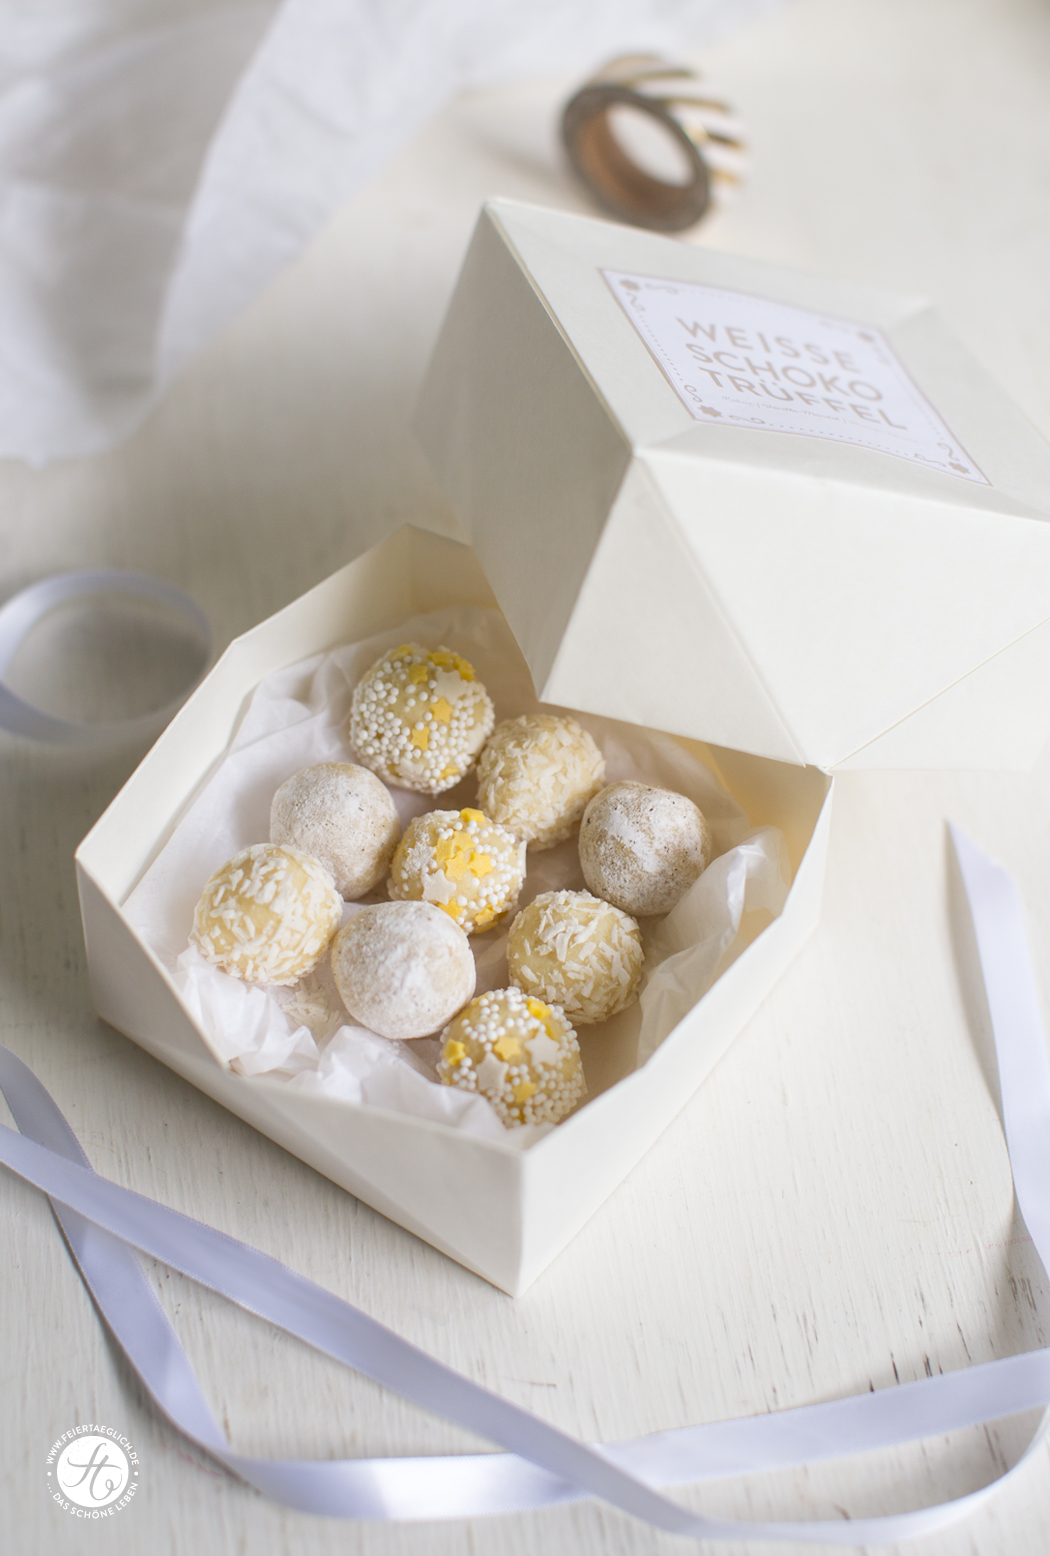 Geschenke aus der Küche. Weisse Schoko Trüffel: 1 Grundrezept – 3 Varianten, DIY Origami-Pralinen-Schachtel & Free Printable Labels